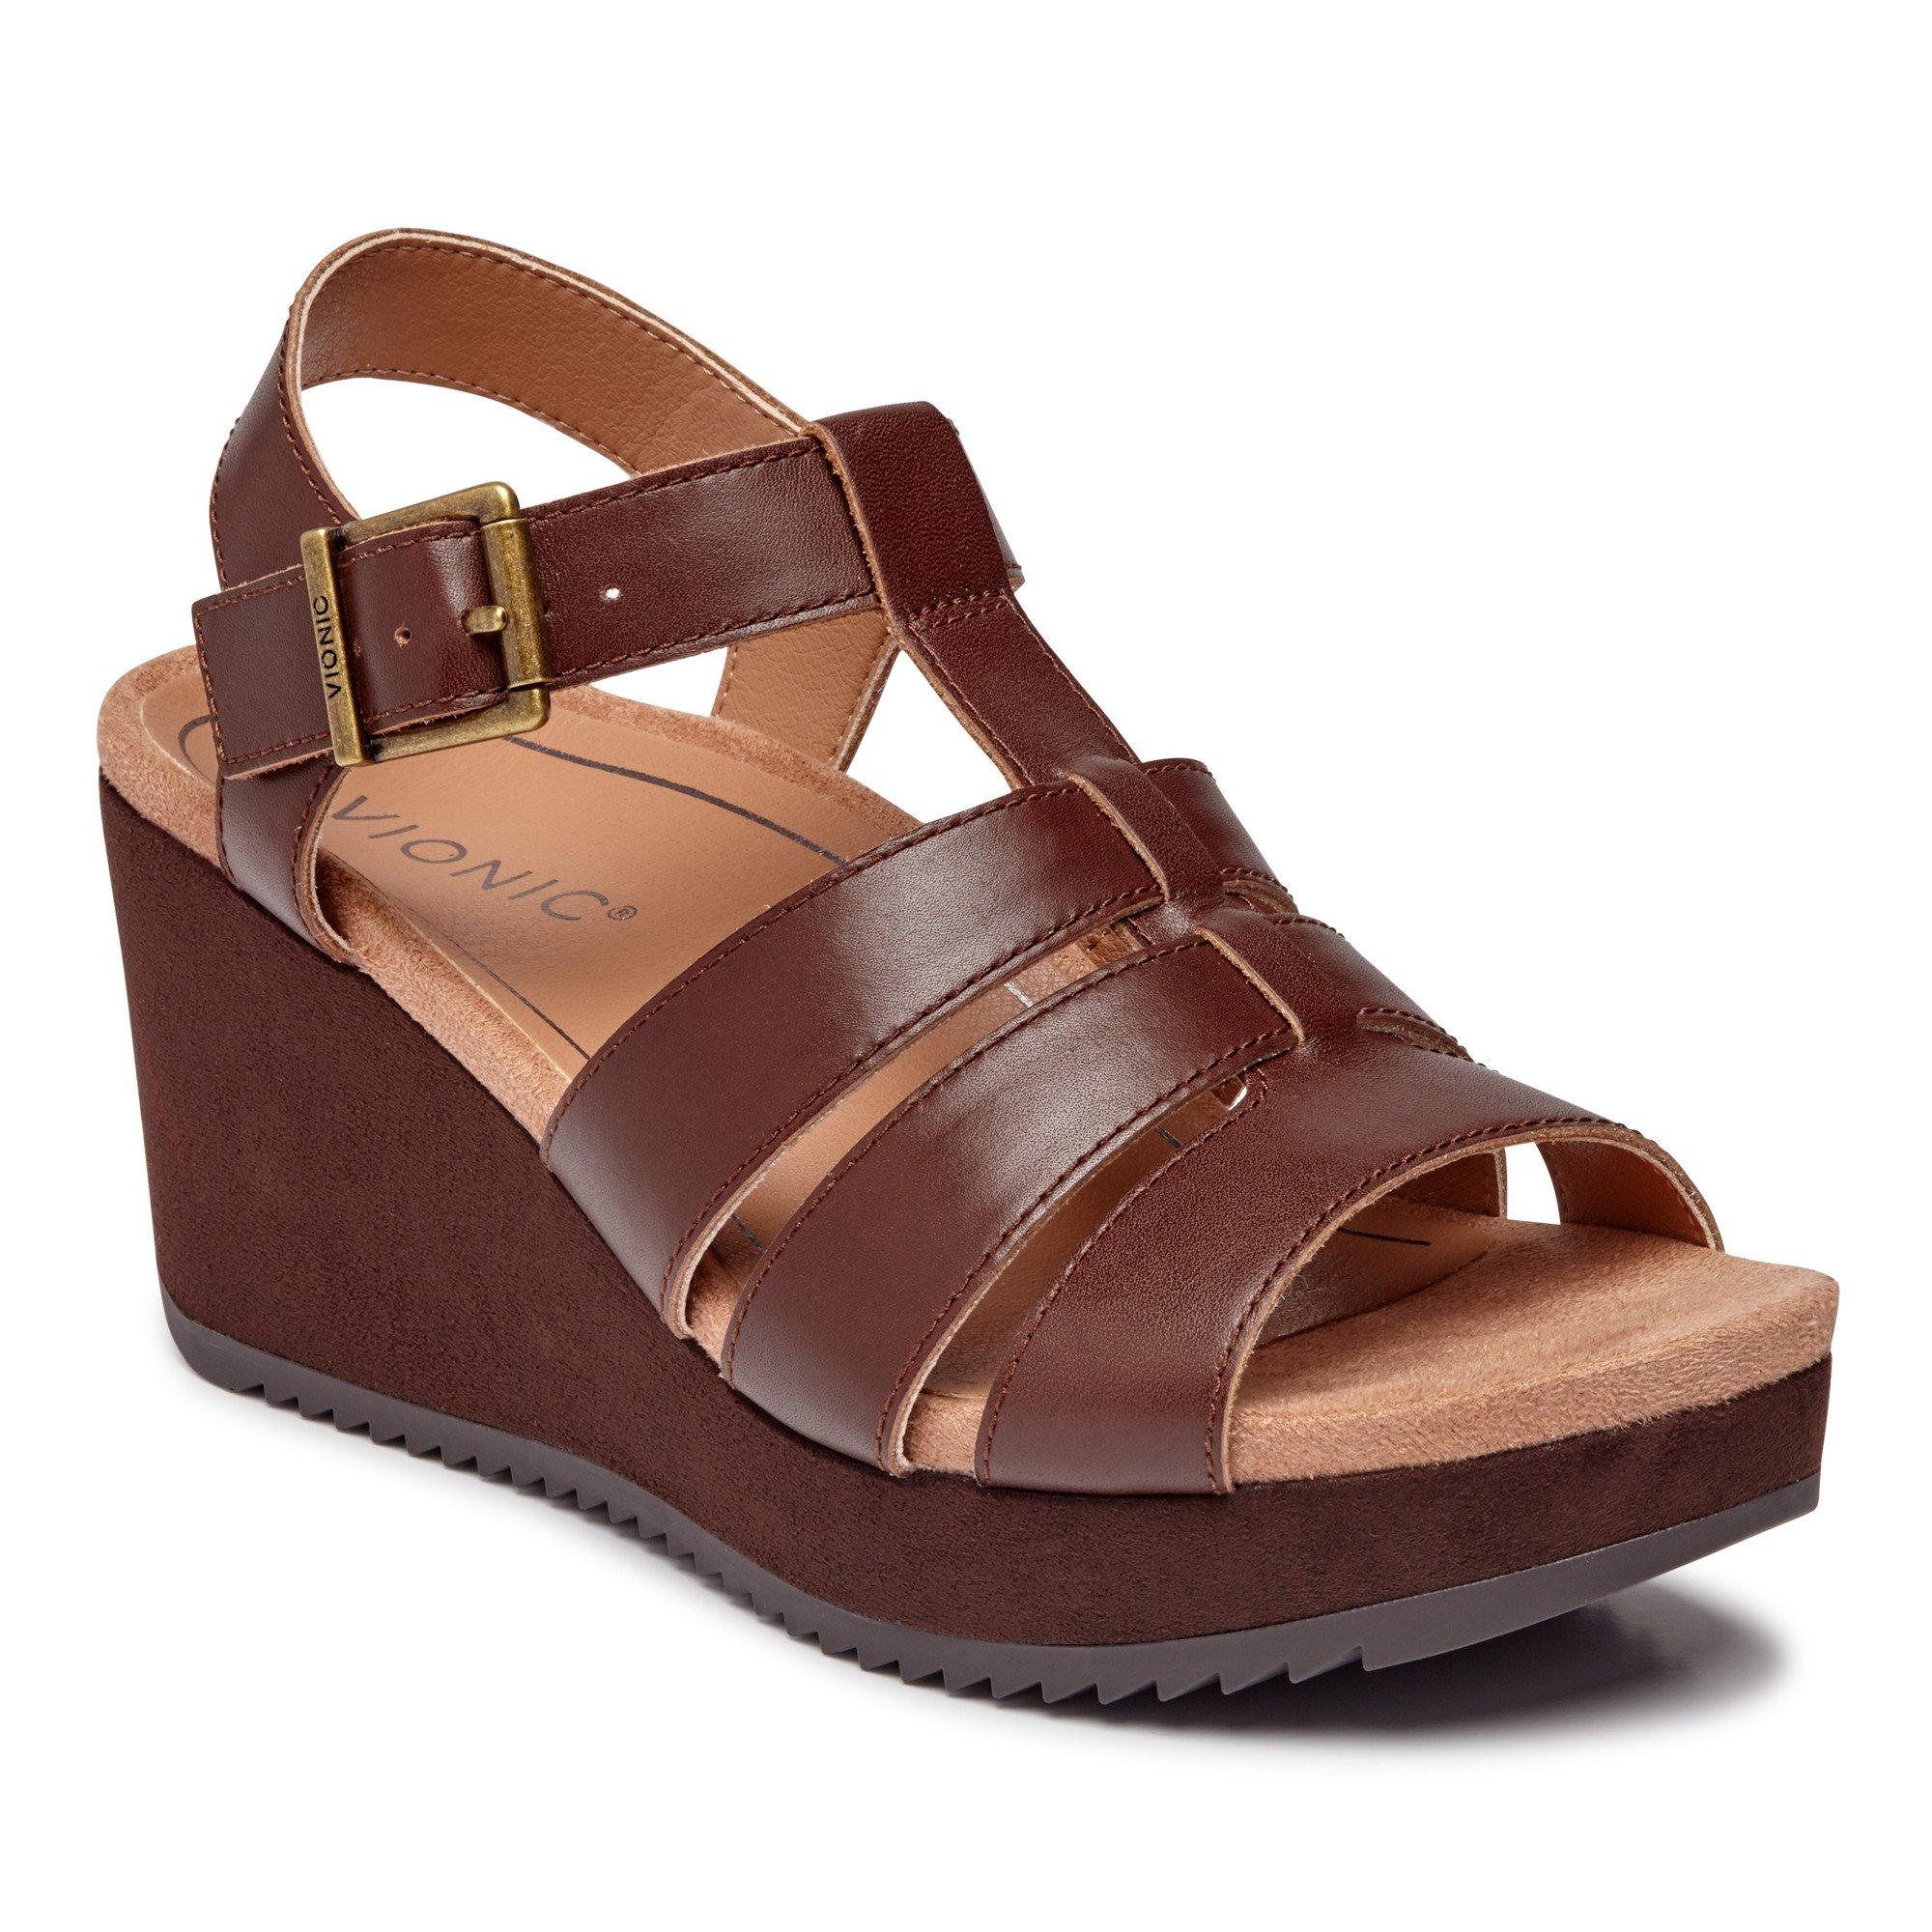 Tawny Platform Wedge | Vionic Shoes